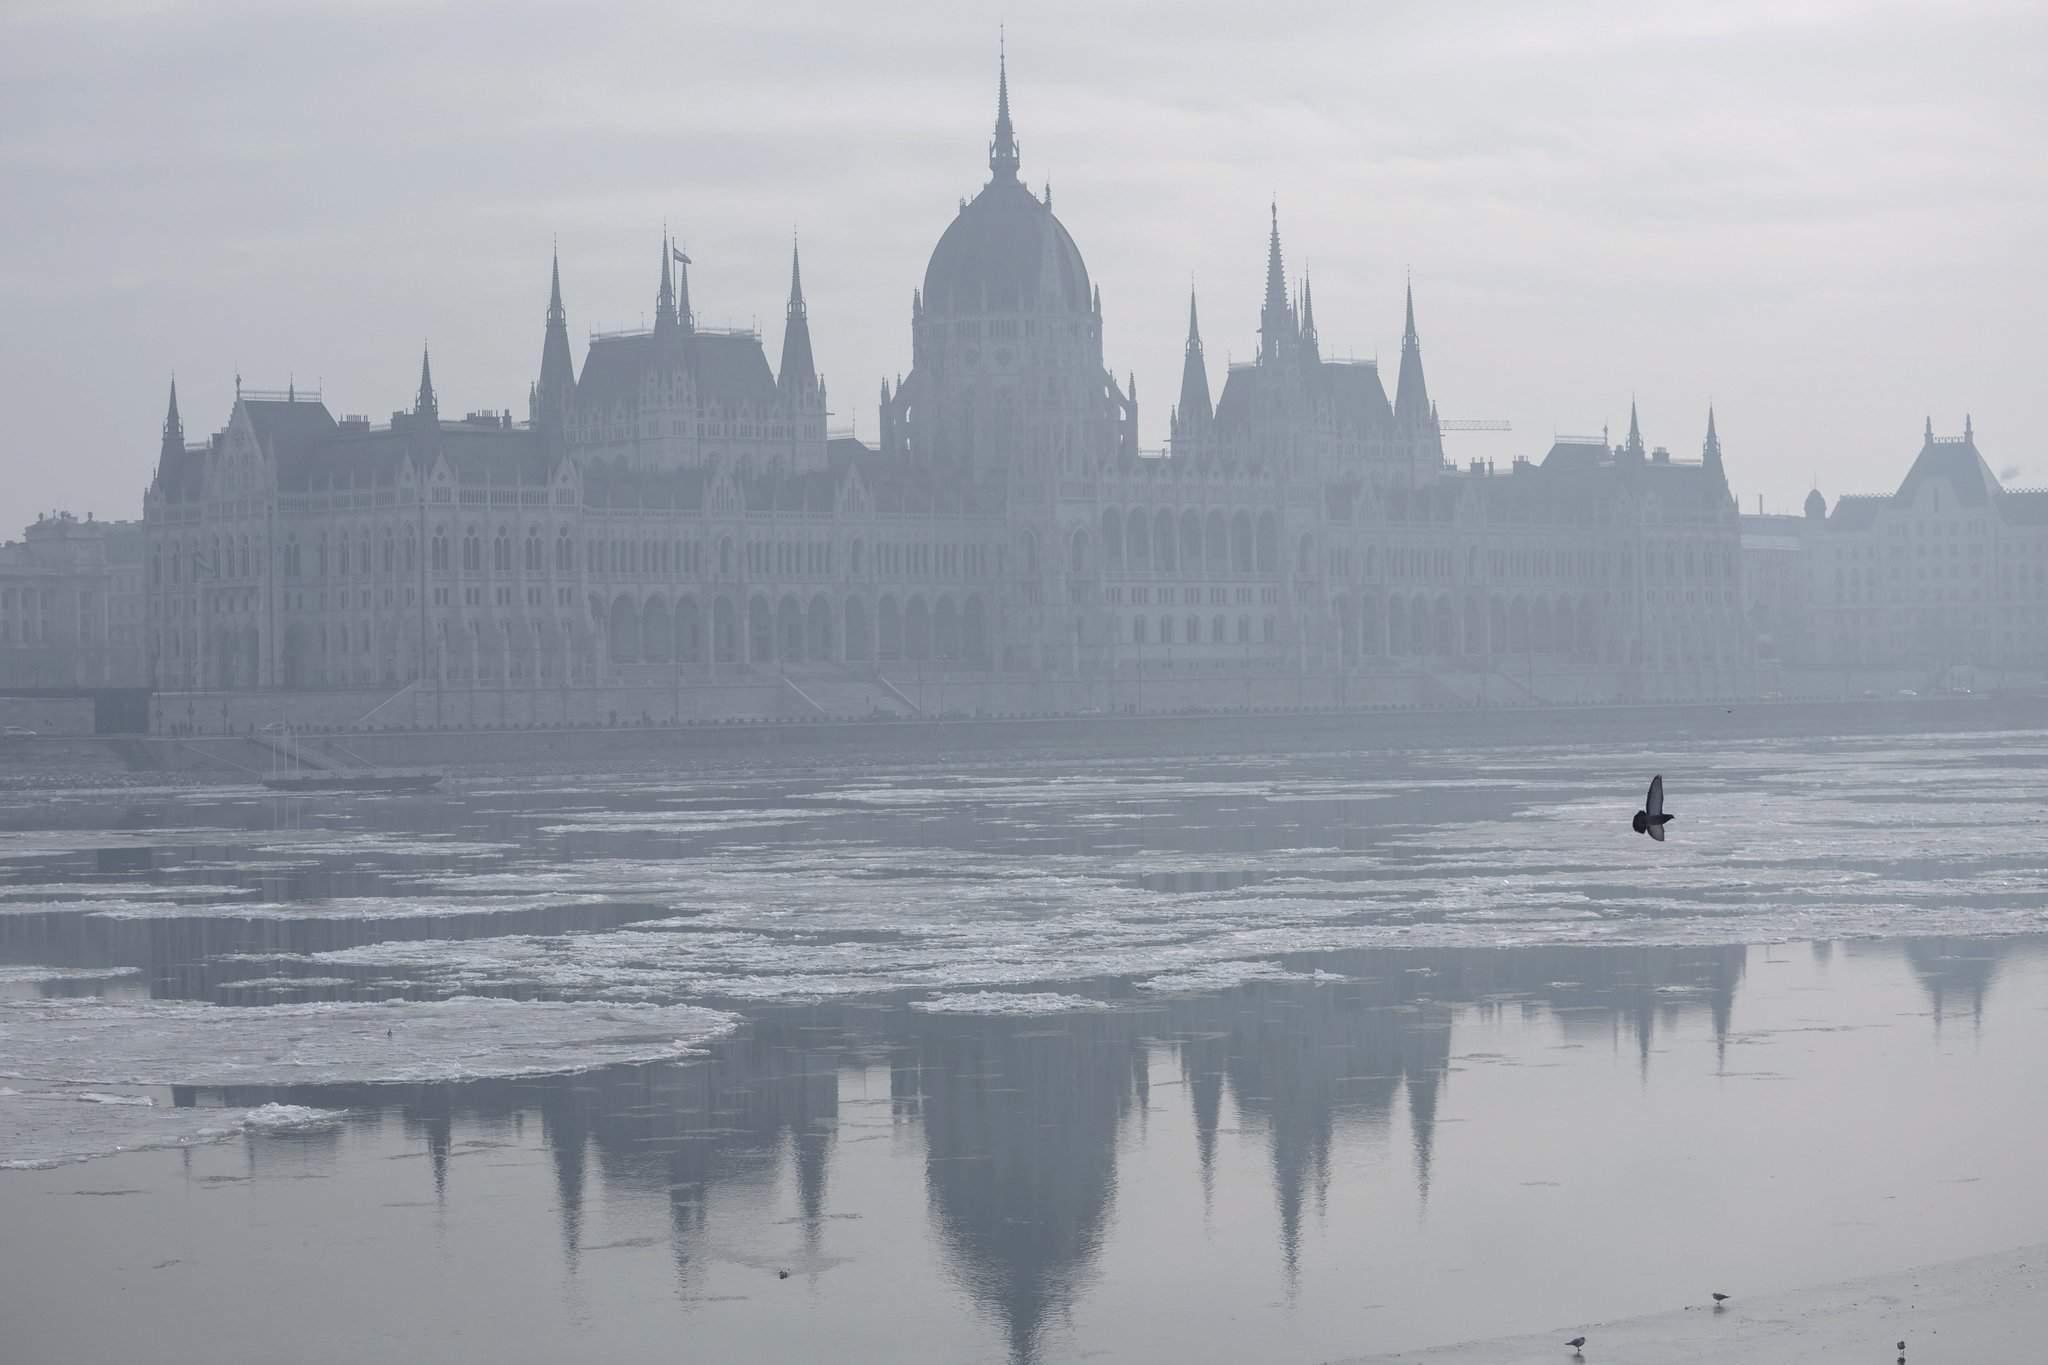 budapest-smog-alert-parliament